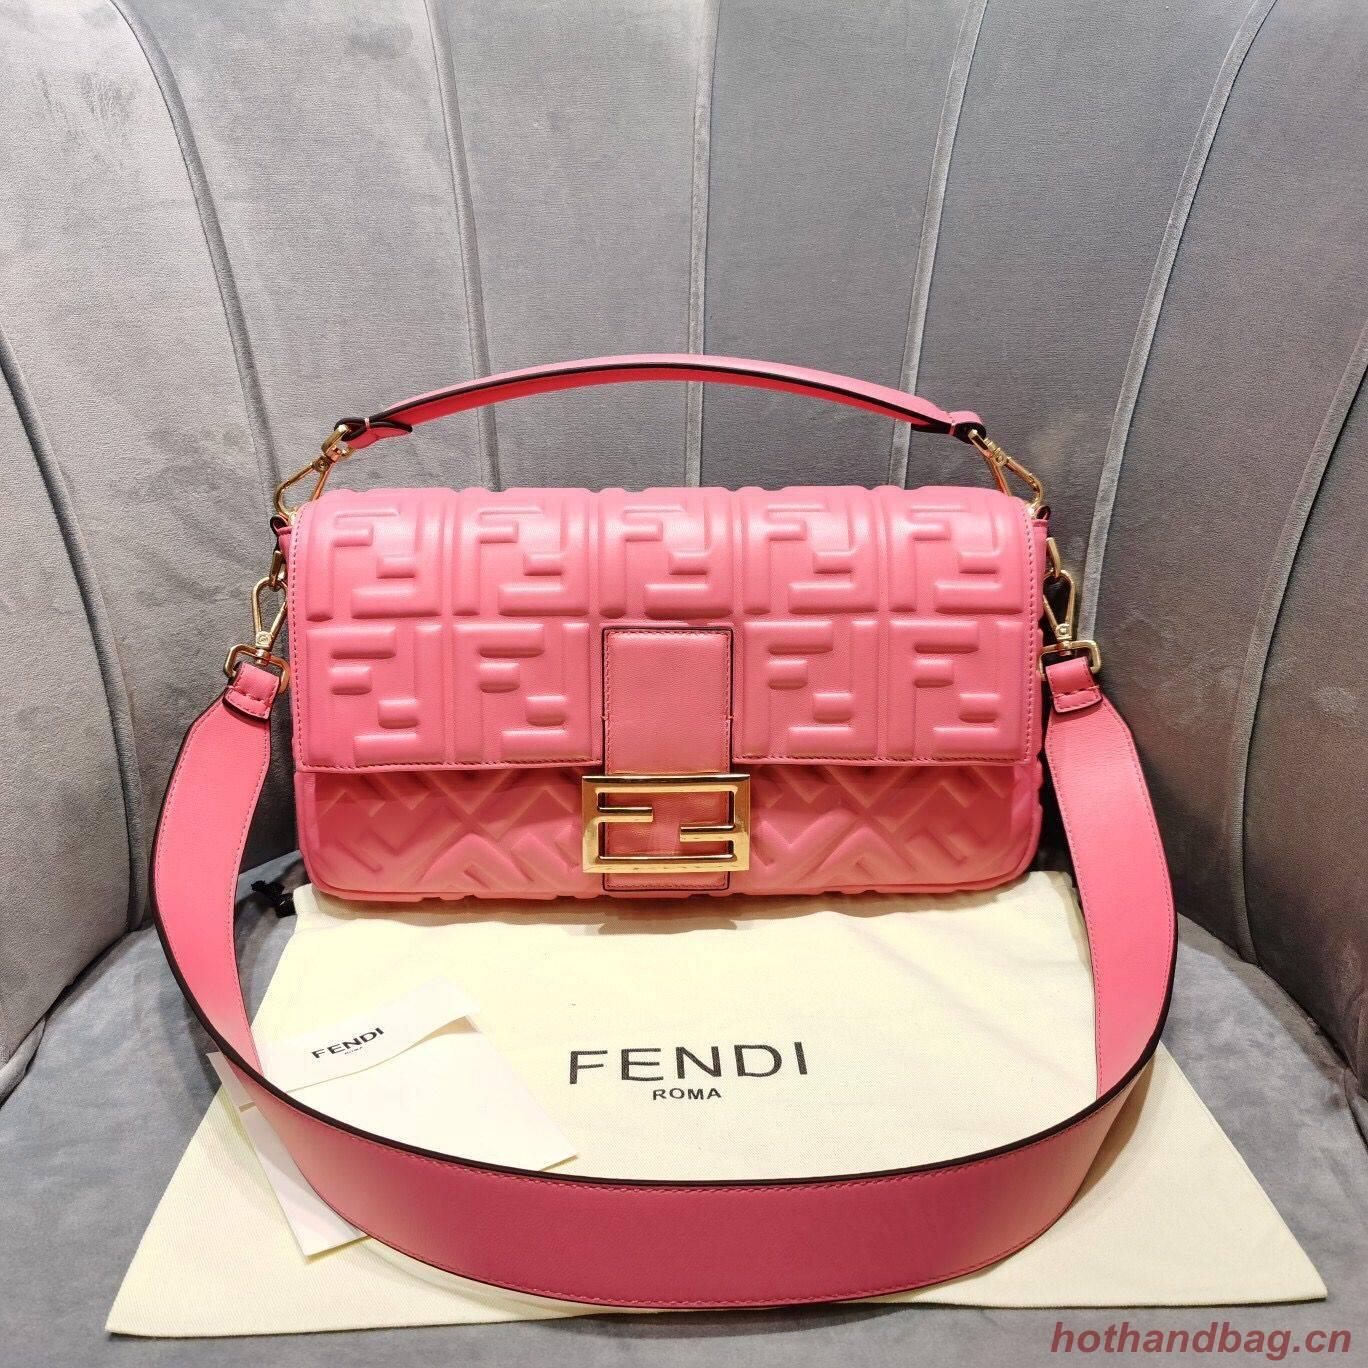 FENDI BAGUETTE  Shoulder Bag 8BS017 rose